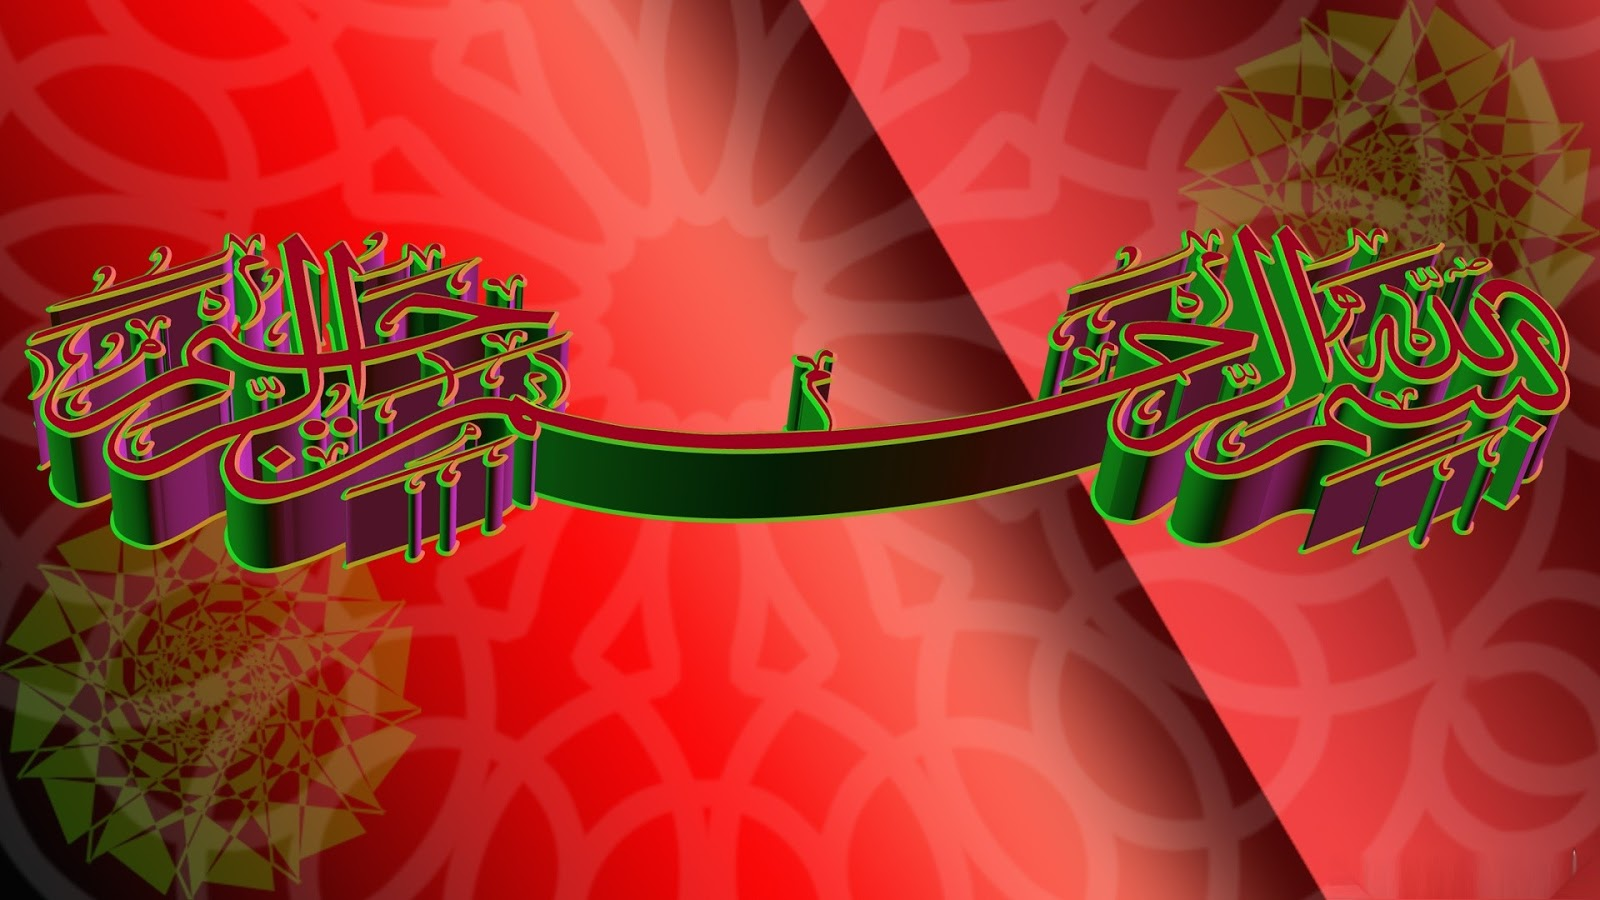 Bismillah HD Images Free Download - Free HD Wallpapers